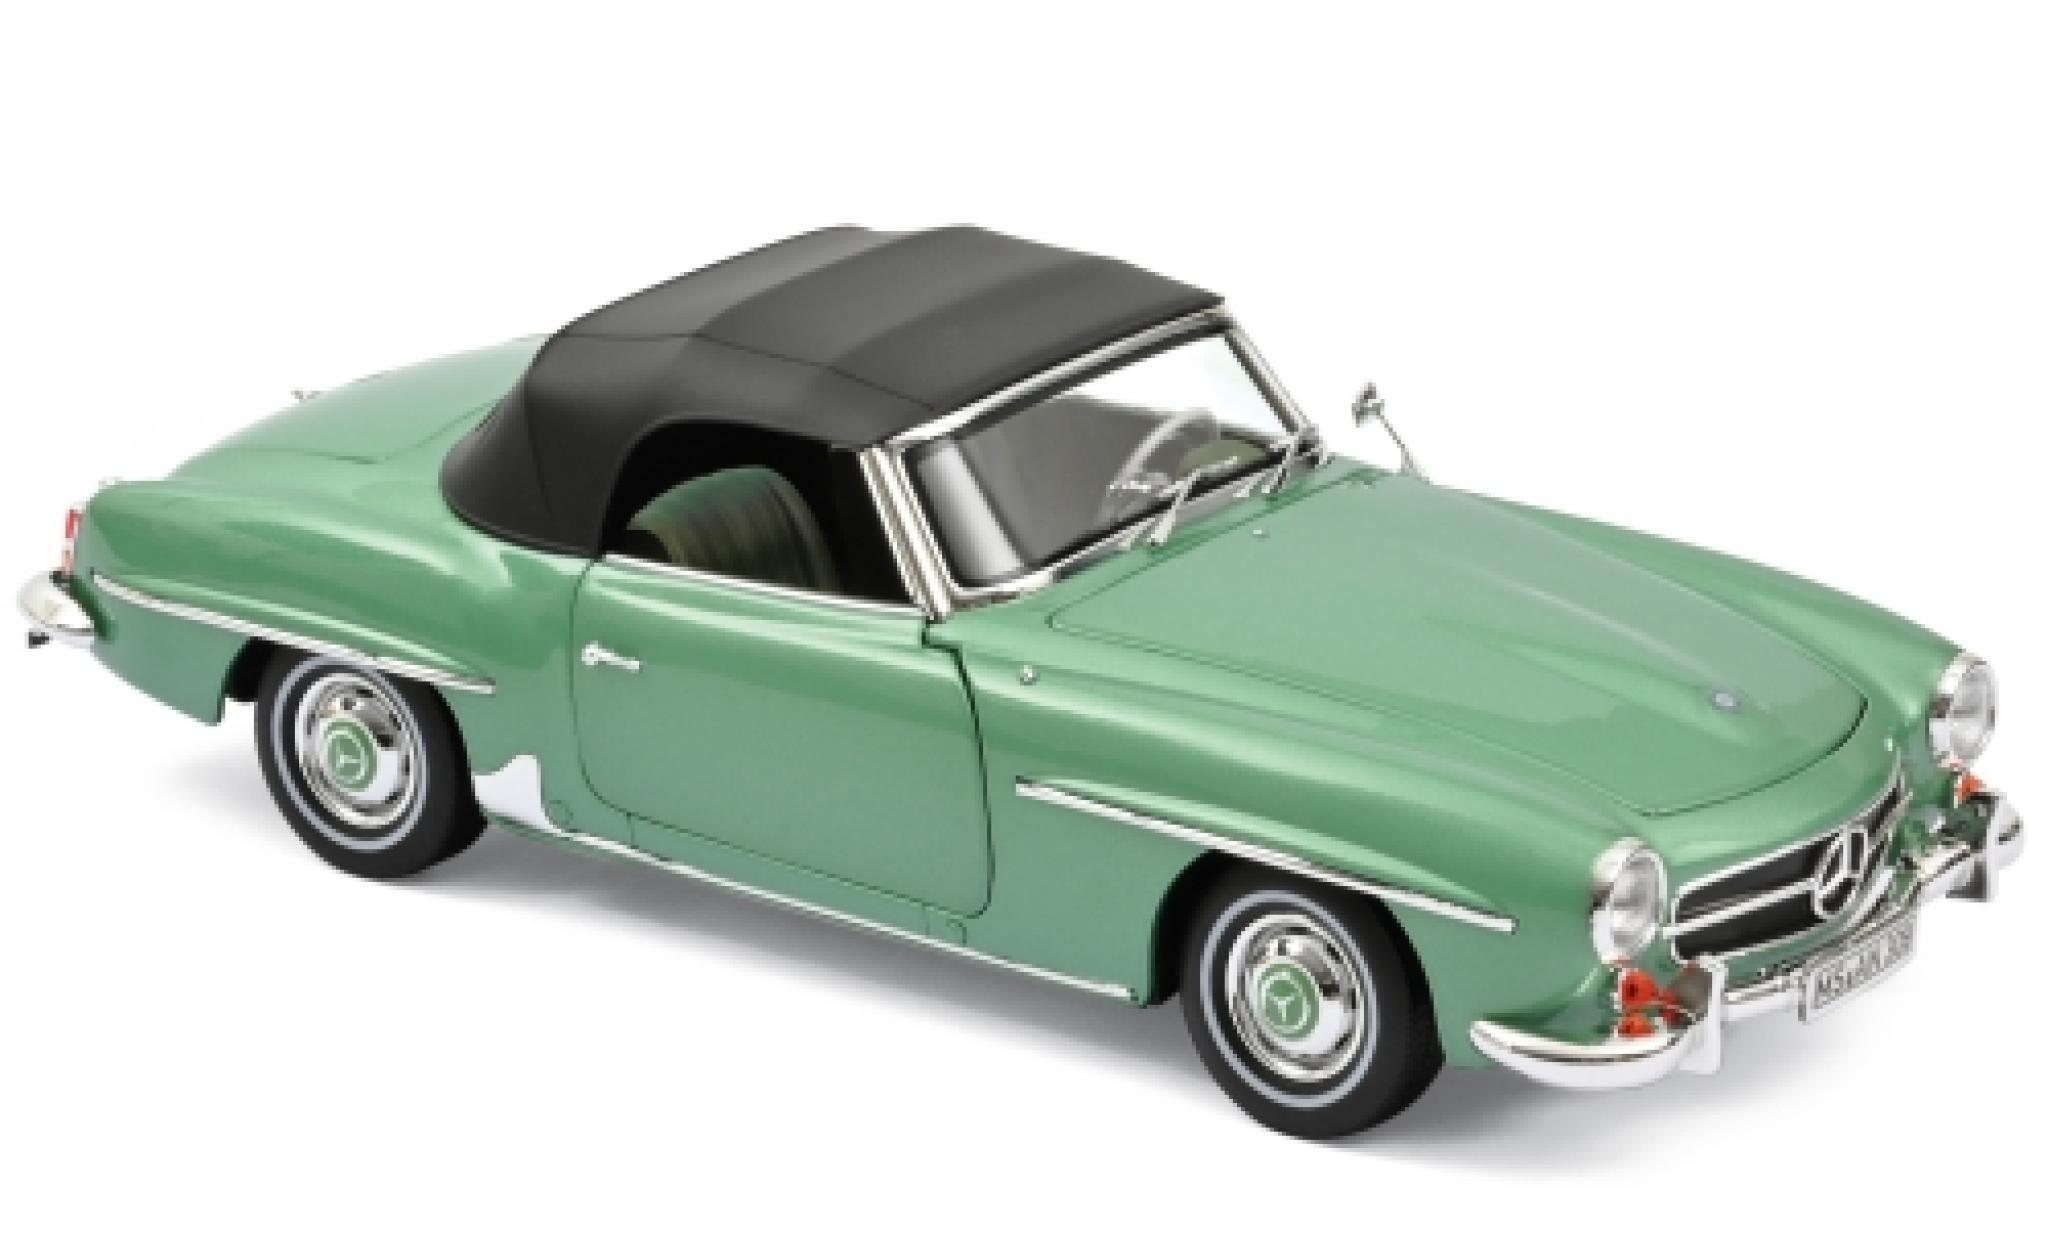 Mercedes 190 1/18 Norev SL (W121 BII) metallise verte 1957 SoftTop couché ein